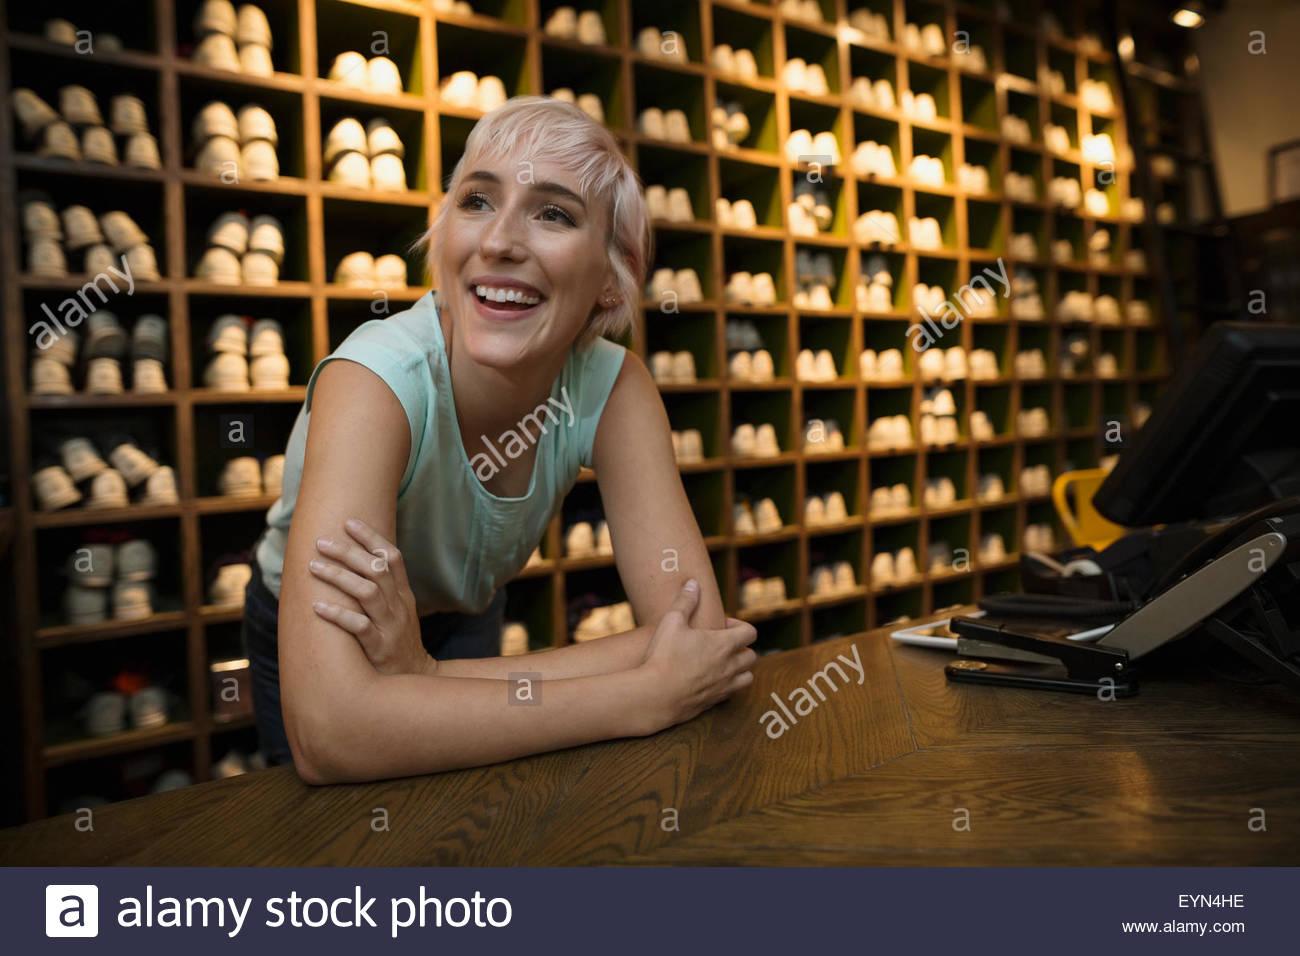 Mujer sonriente apoyado en zapatos de bolos mostrador Imagen De Stock